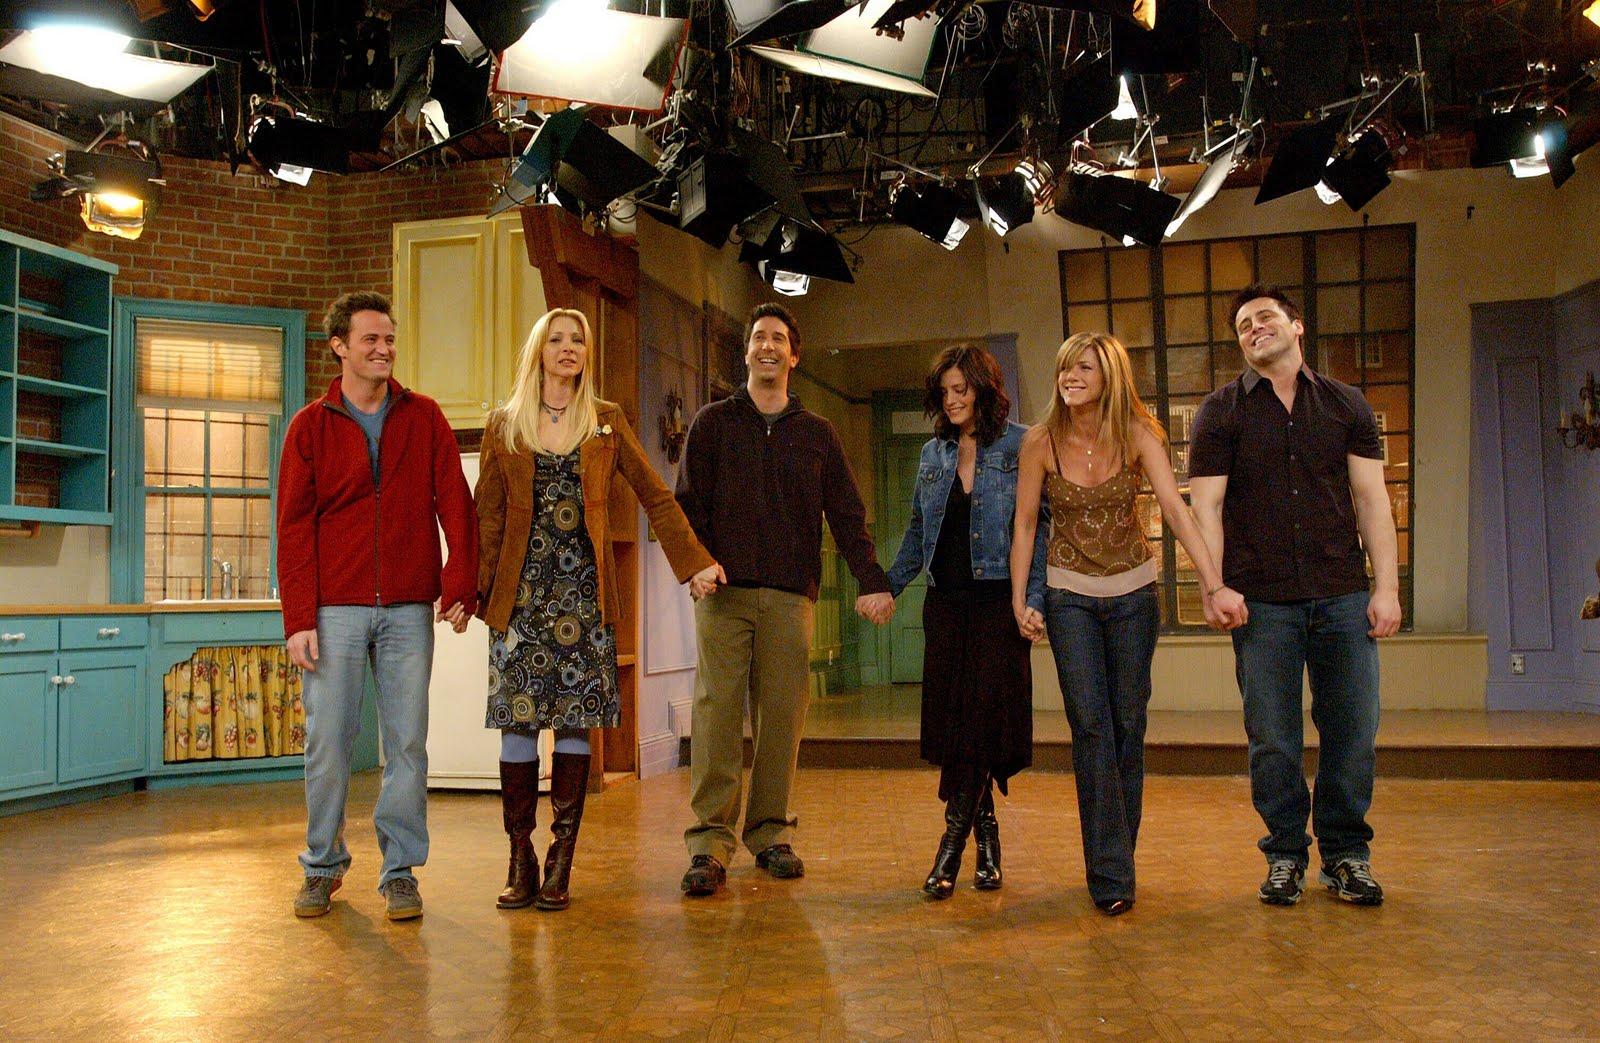 http://3.bp.blogspot.com/_Ct1WWXQ8KLo/TNcqVQI86CI/AAAAAAAABhQ/eqINzTN_0kY/s1600/friends+finale.jpg